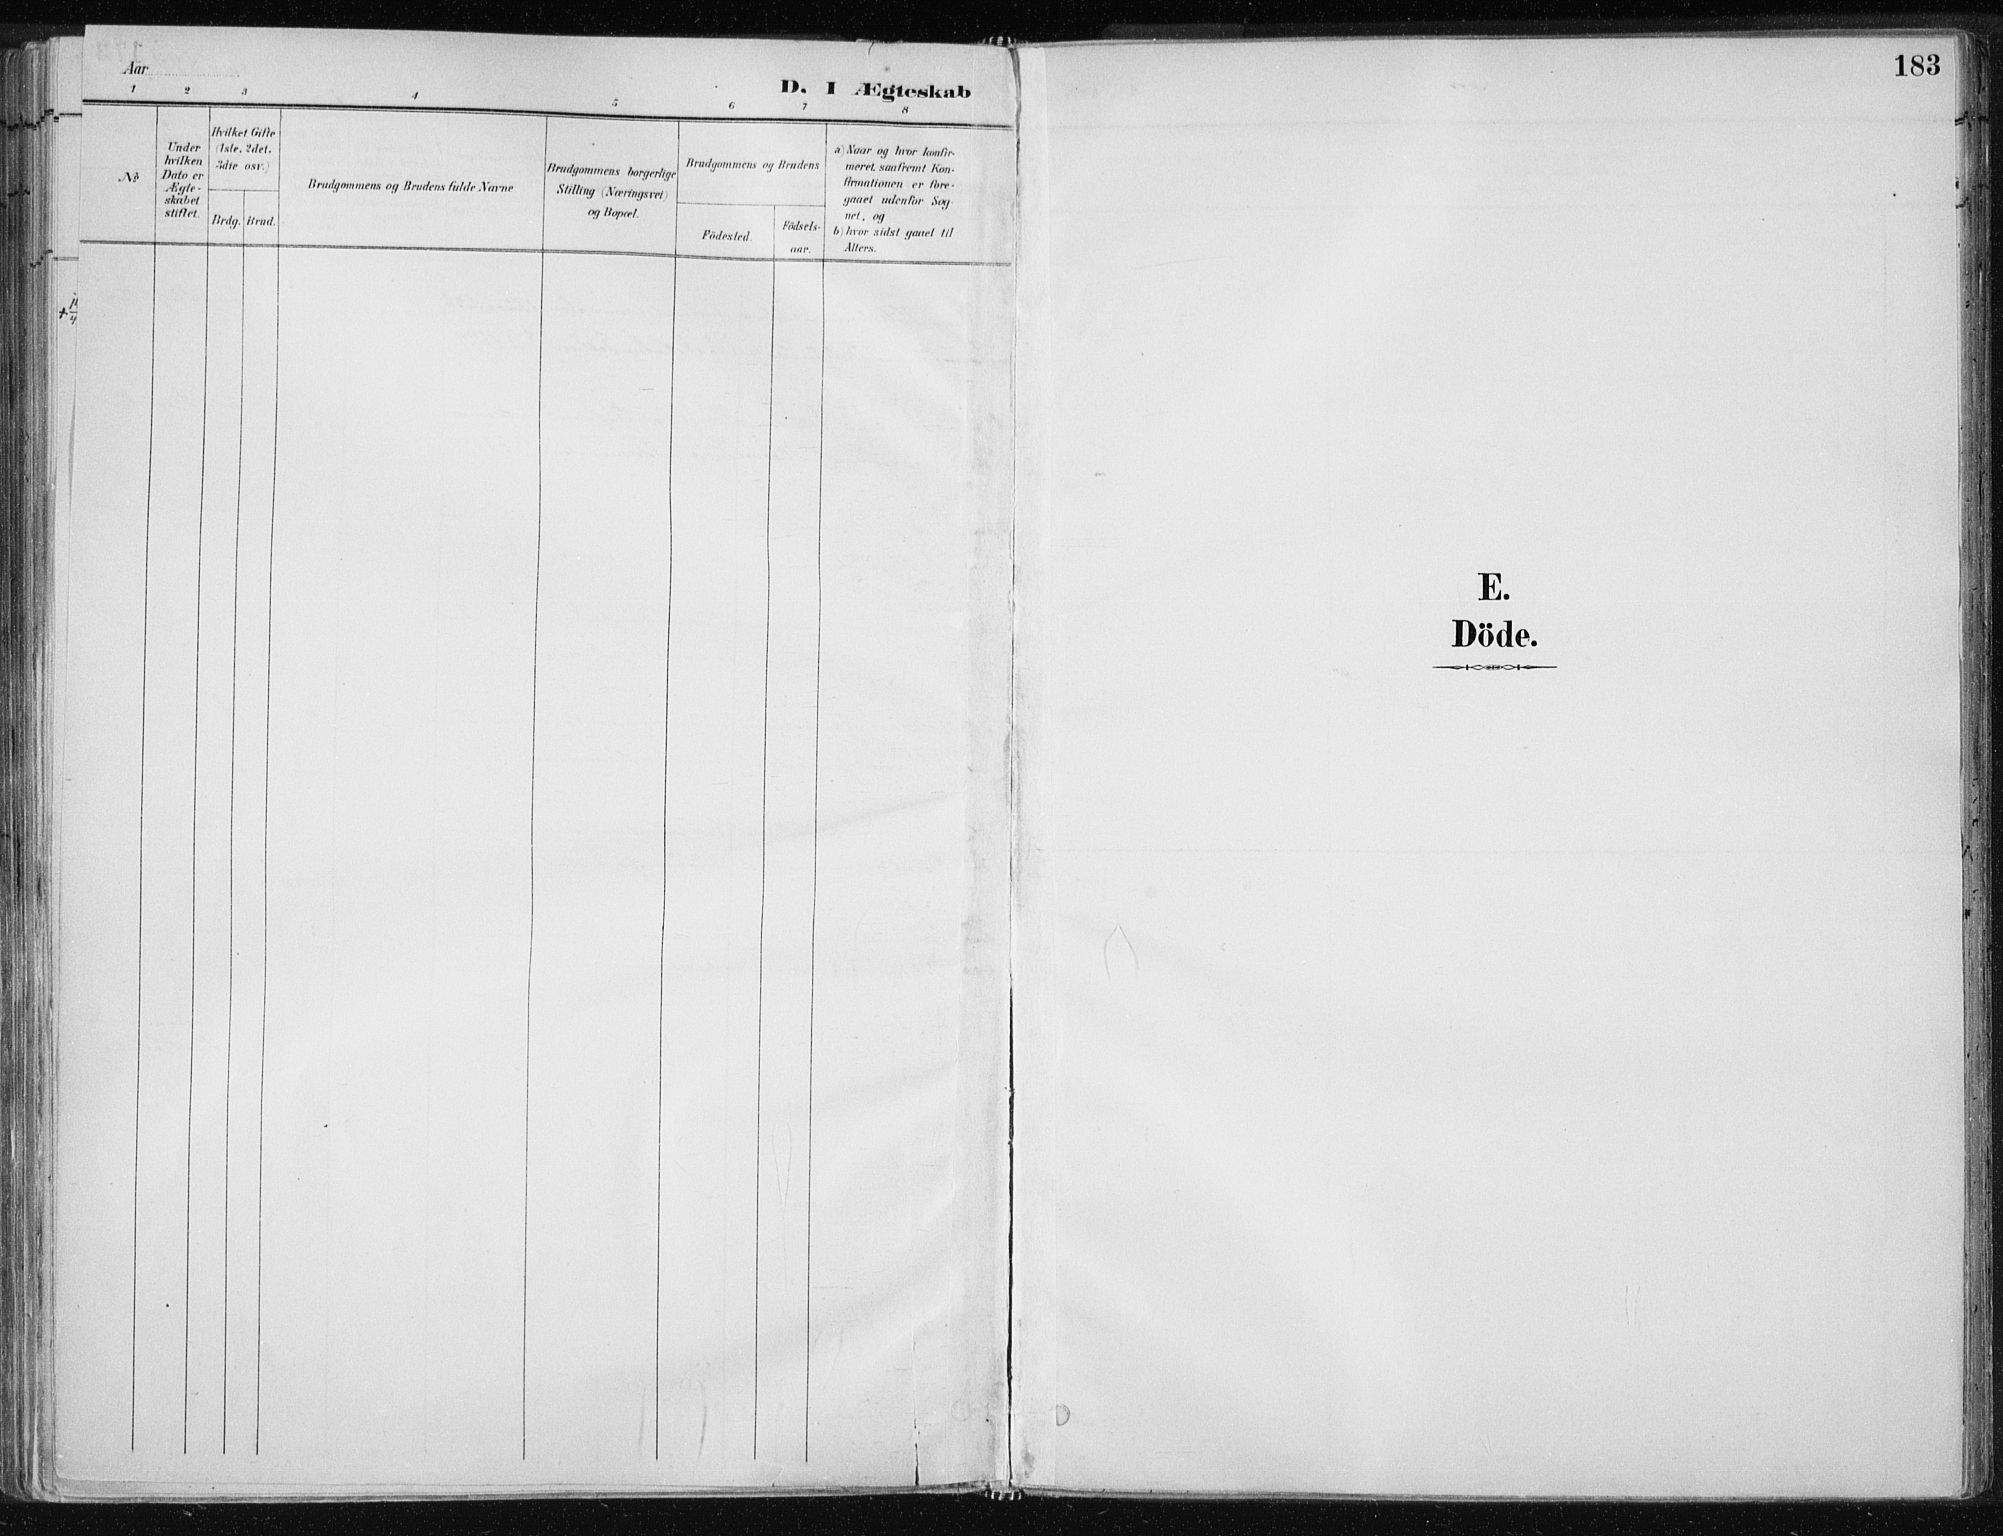 SAT, Ministerialprotokoller, klokkerbøker og fødselsregistre - Nord-Trøndelag, 701/L0010: Ministerialbok nr. 701A10, 1883-1899, s. 183